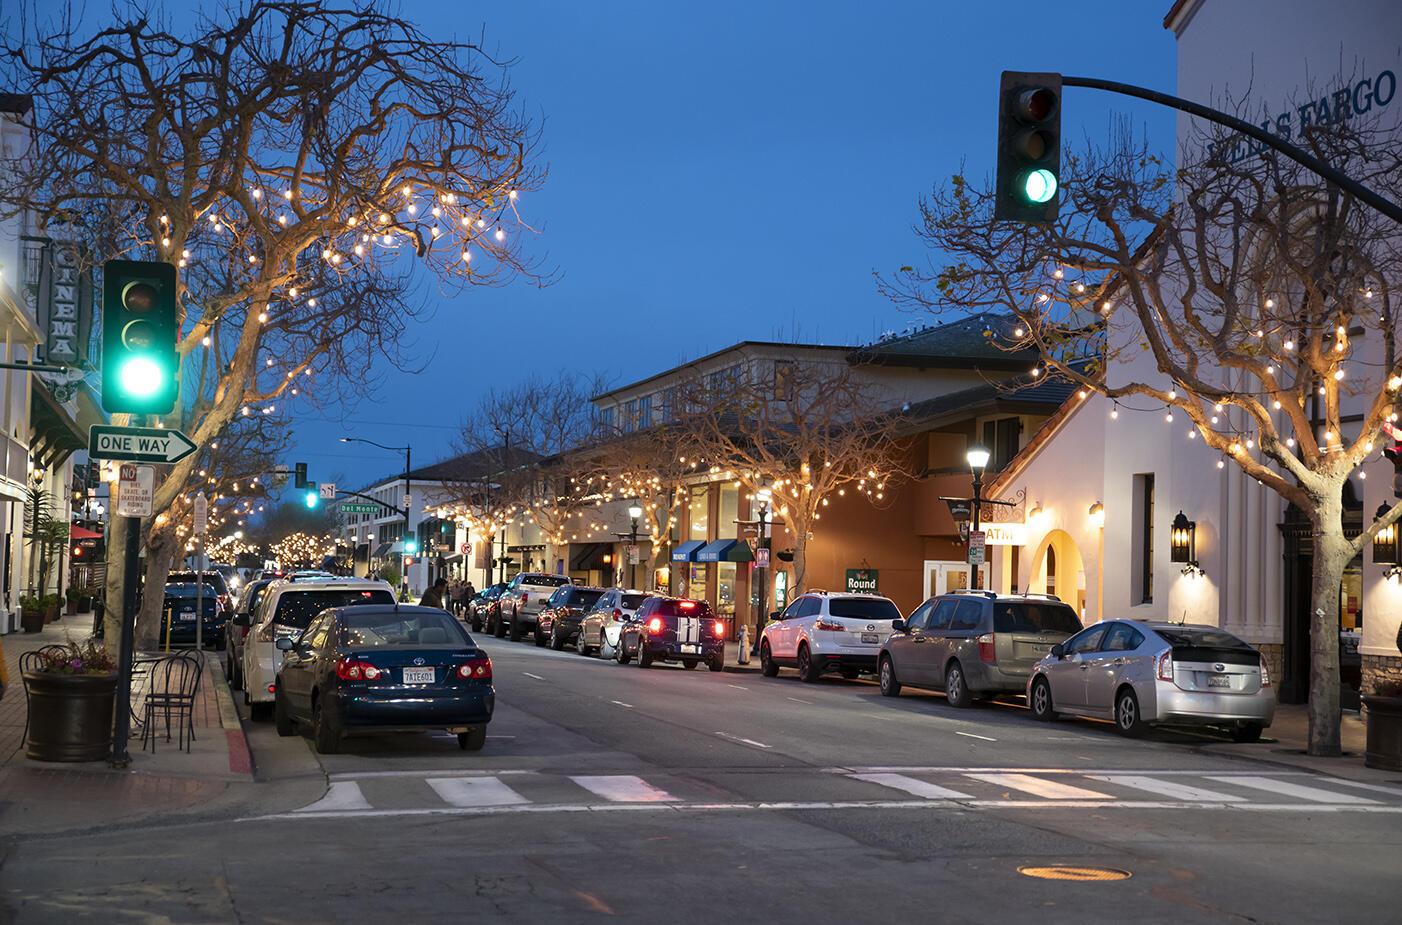 Street parking in Monterey